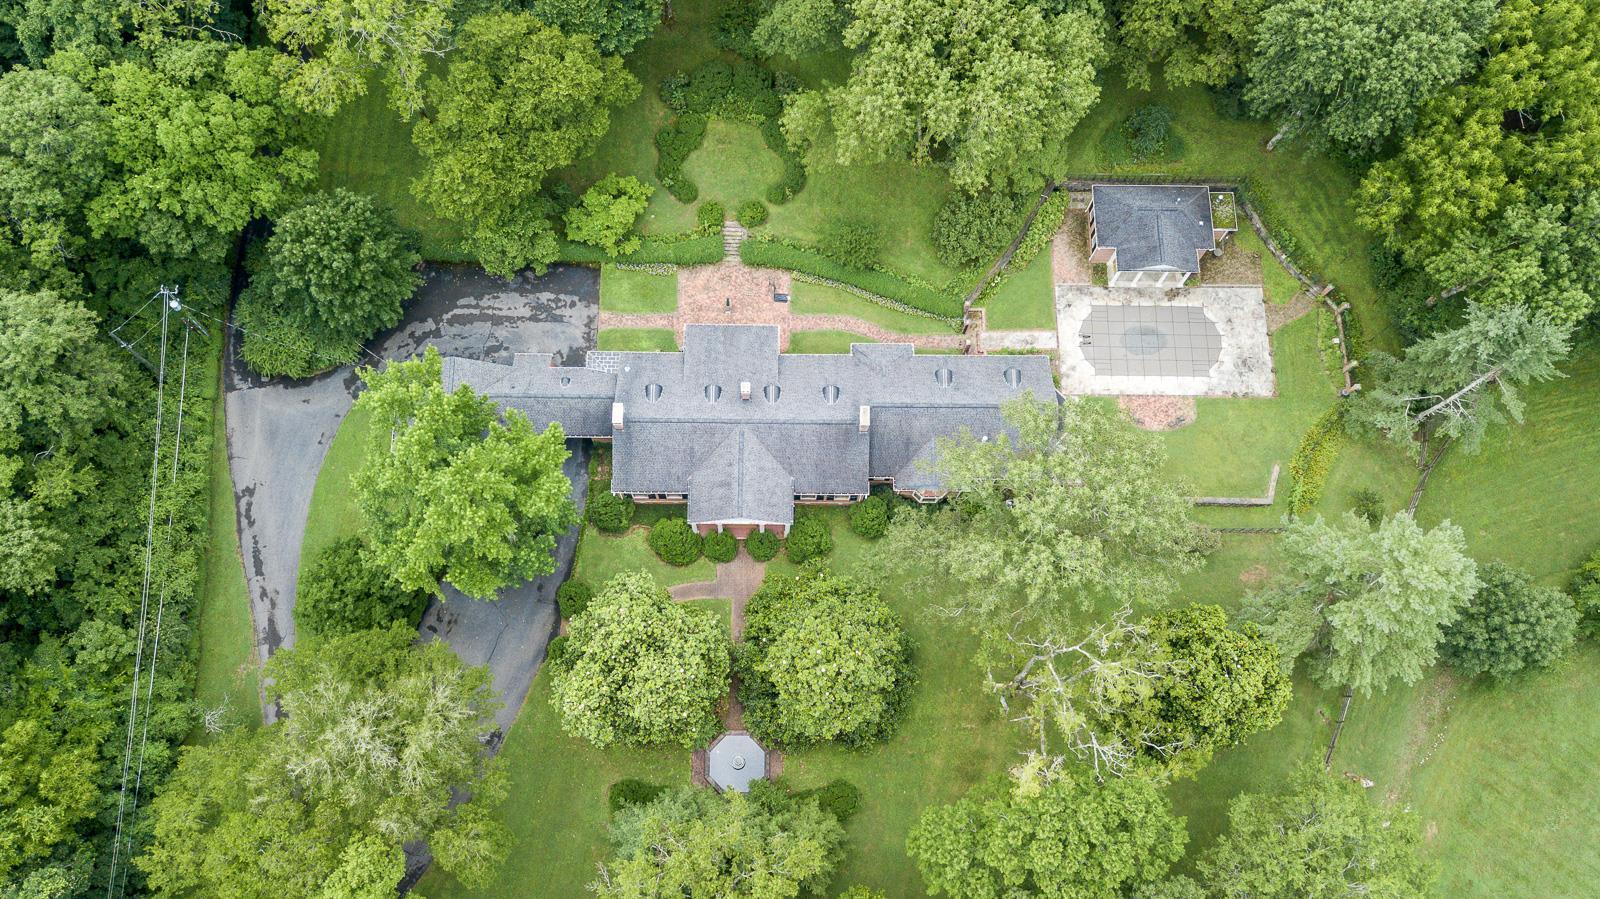 1410 Chickering Rd, Nashville, TN 37215 - Nashville, TN real estate listing